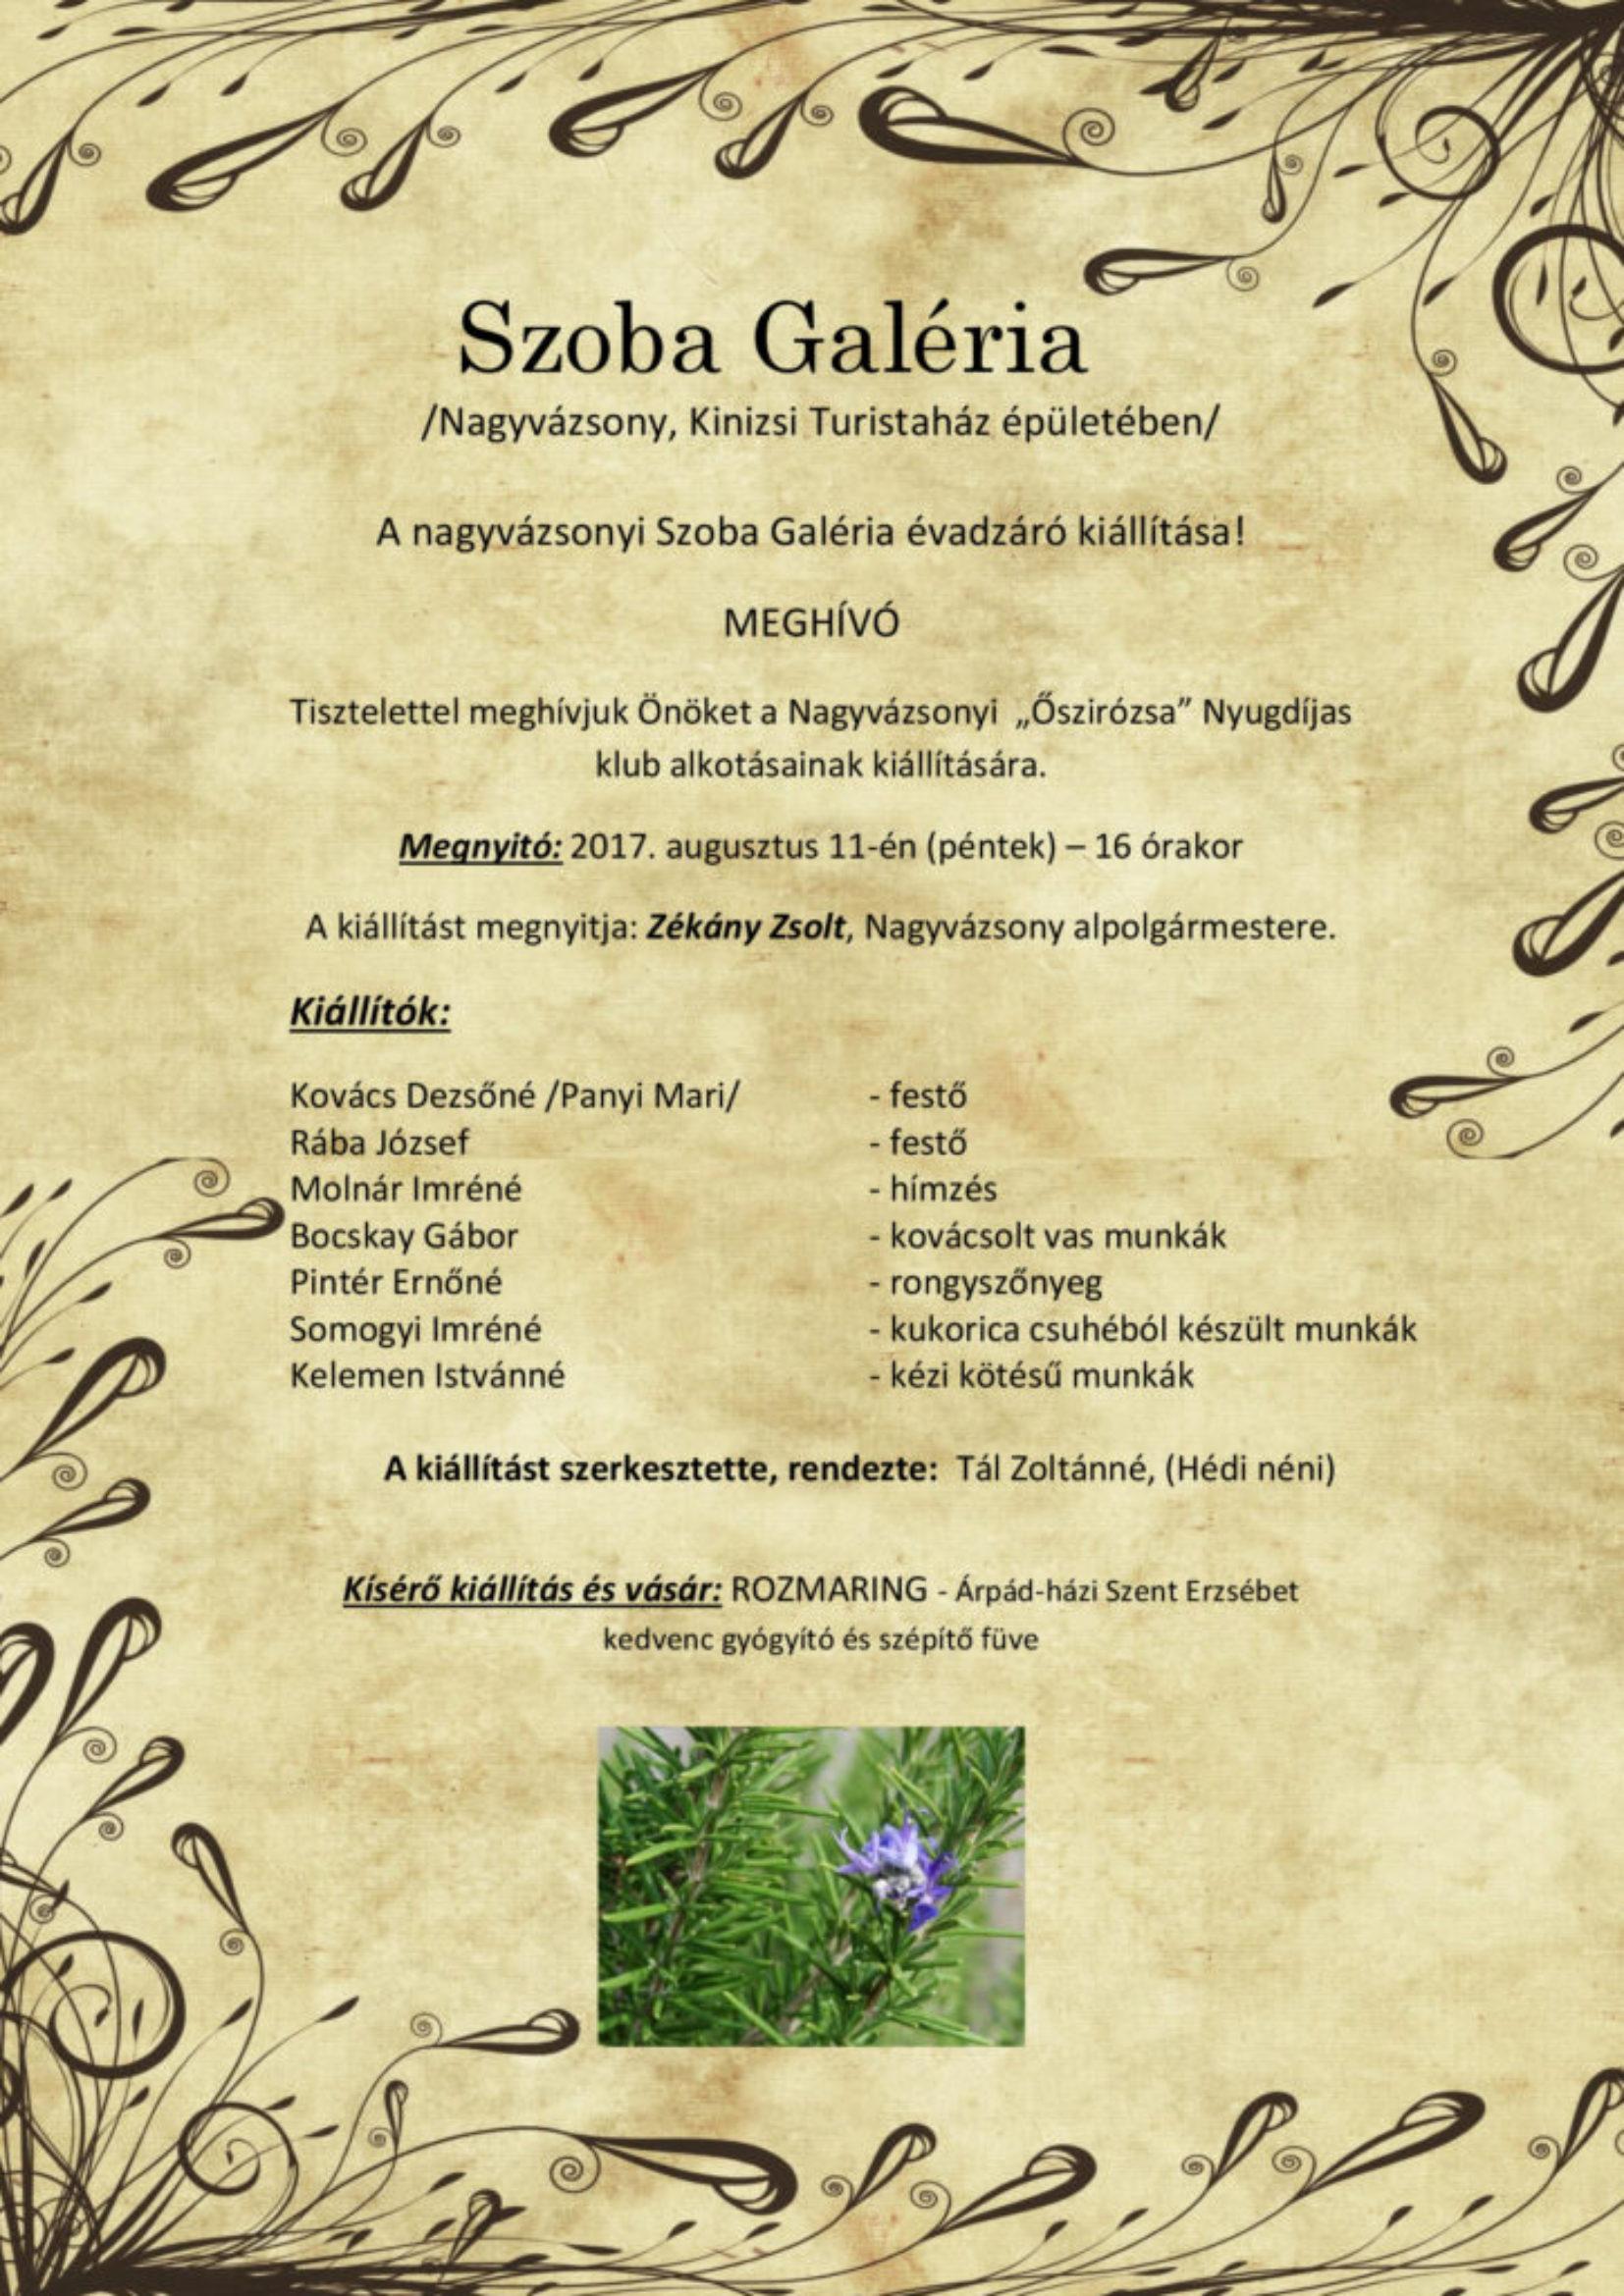 Évadzáró kiállítás megnyitó a Szoba Galériában